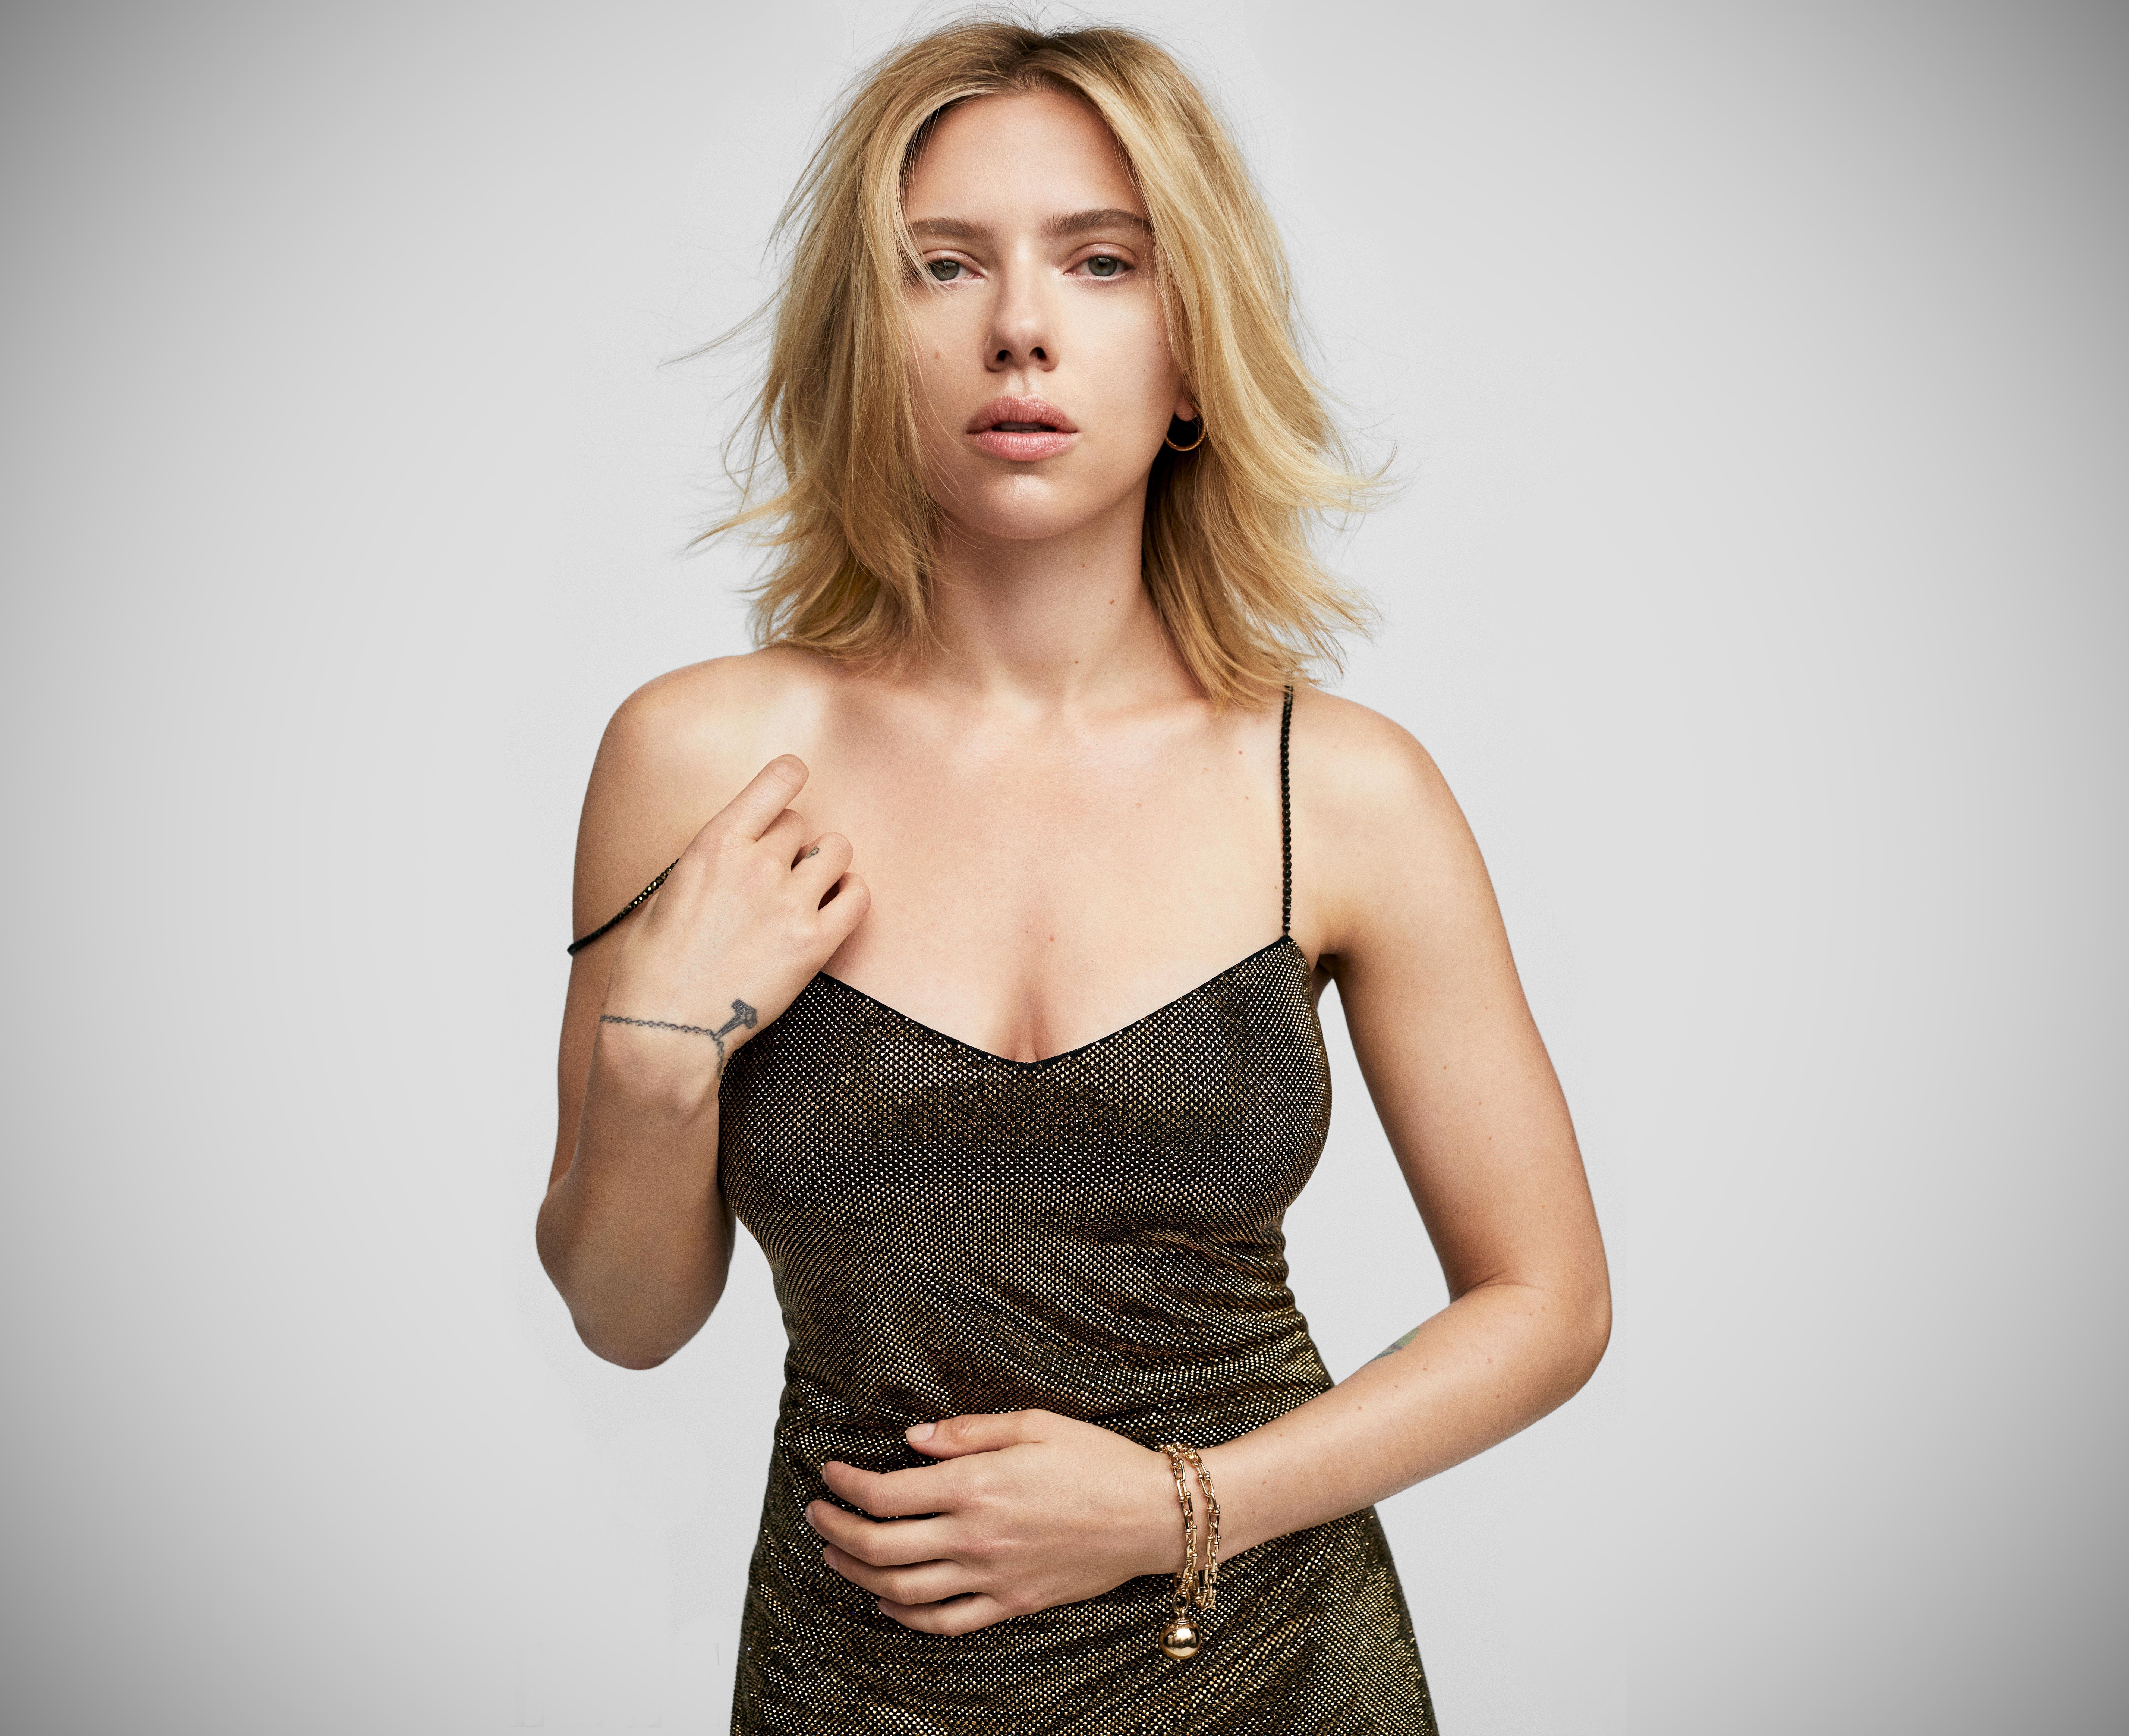 Celebrity HD Wallpapers: Scarlett Johansson Lovely HD